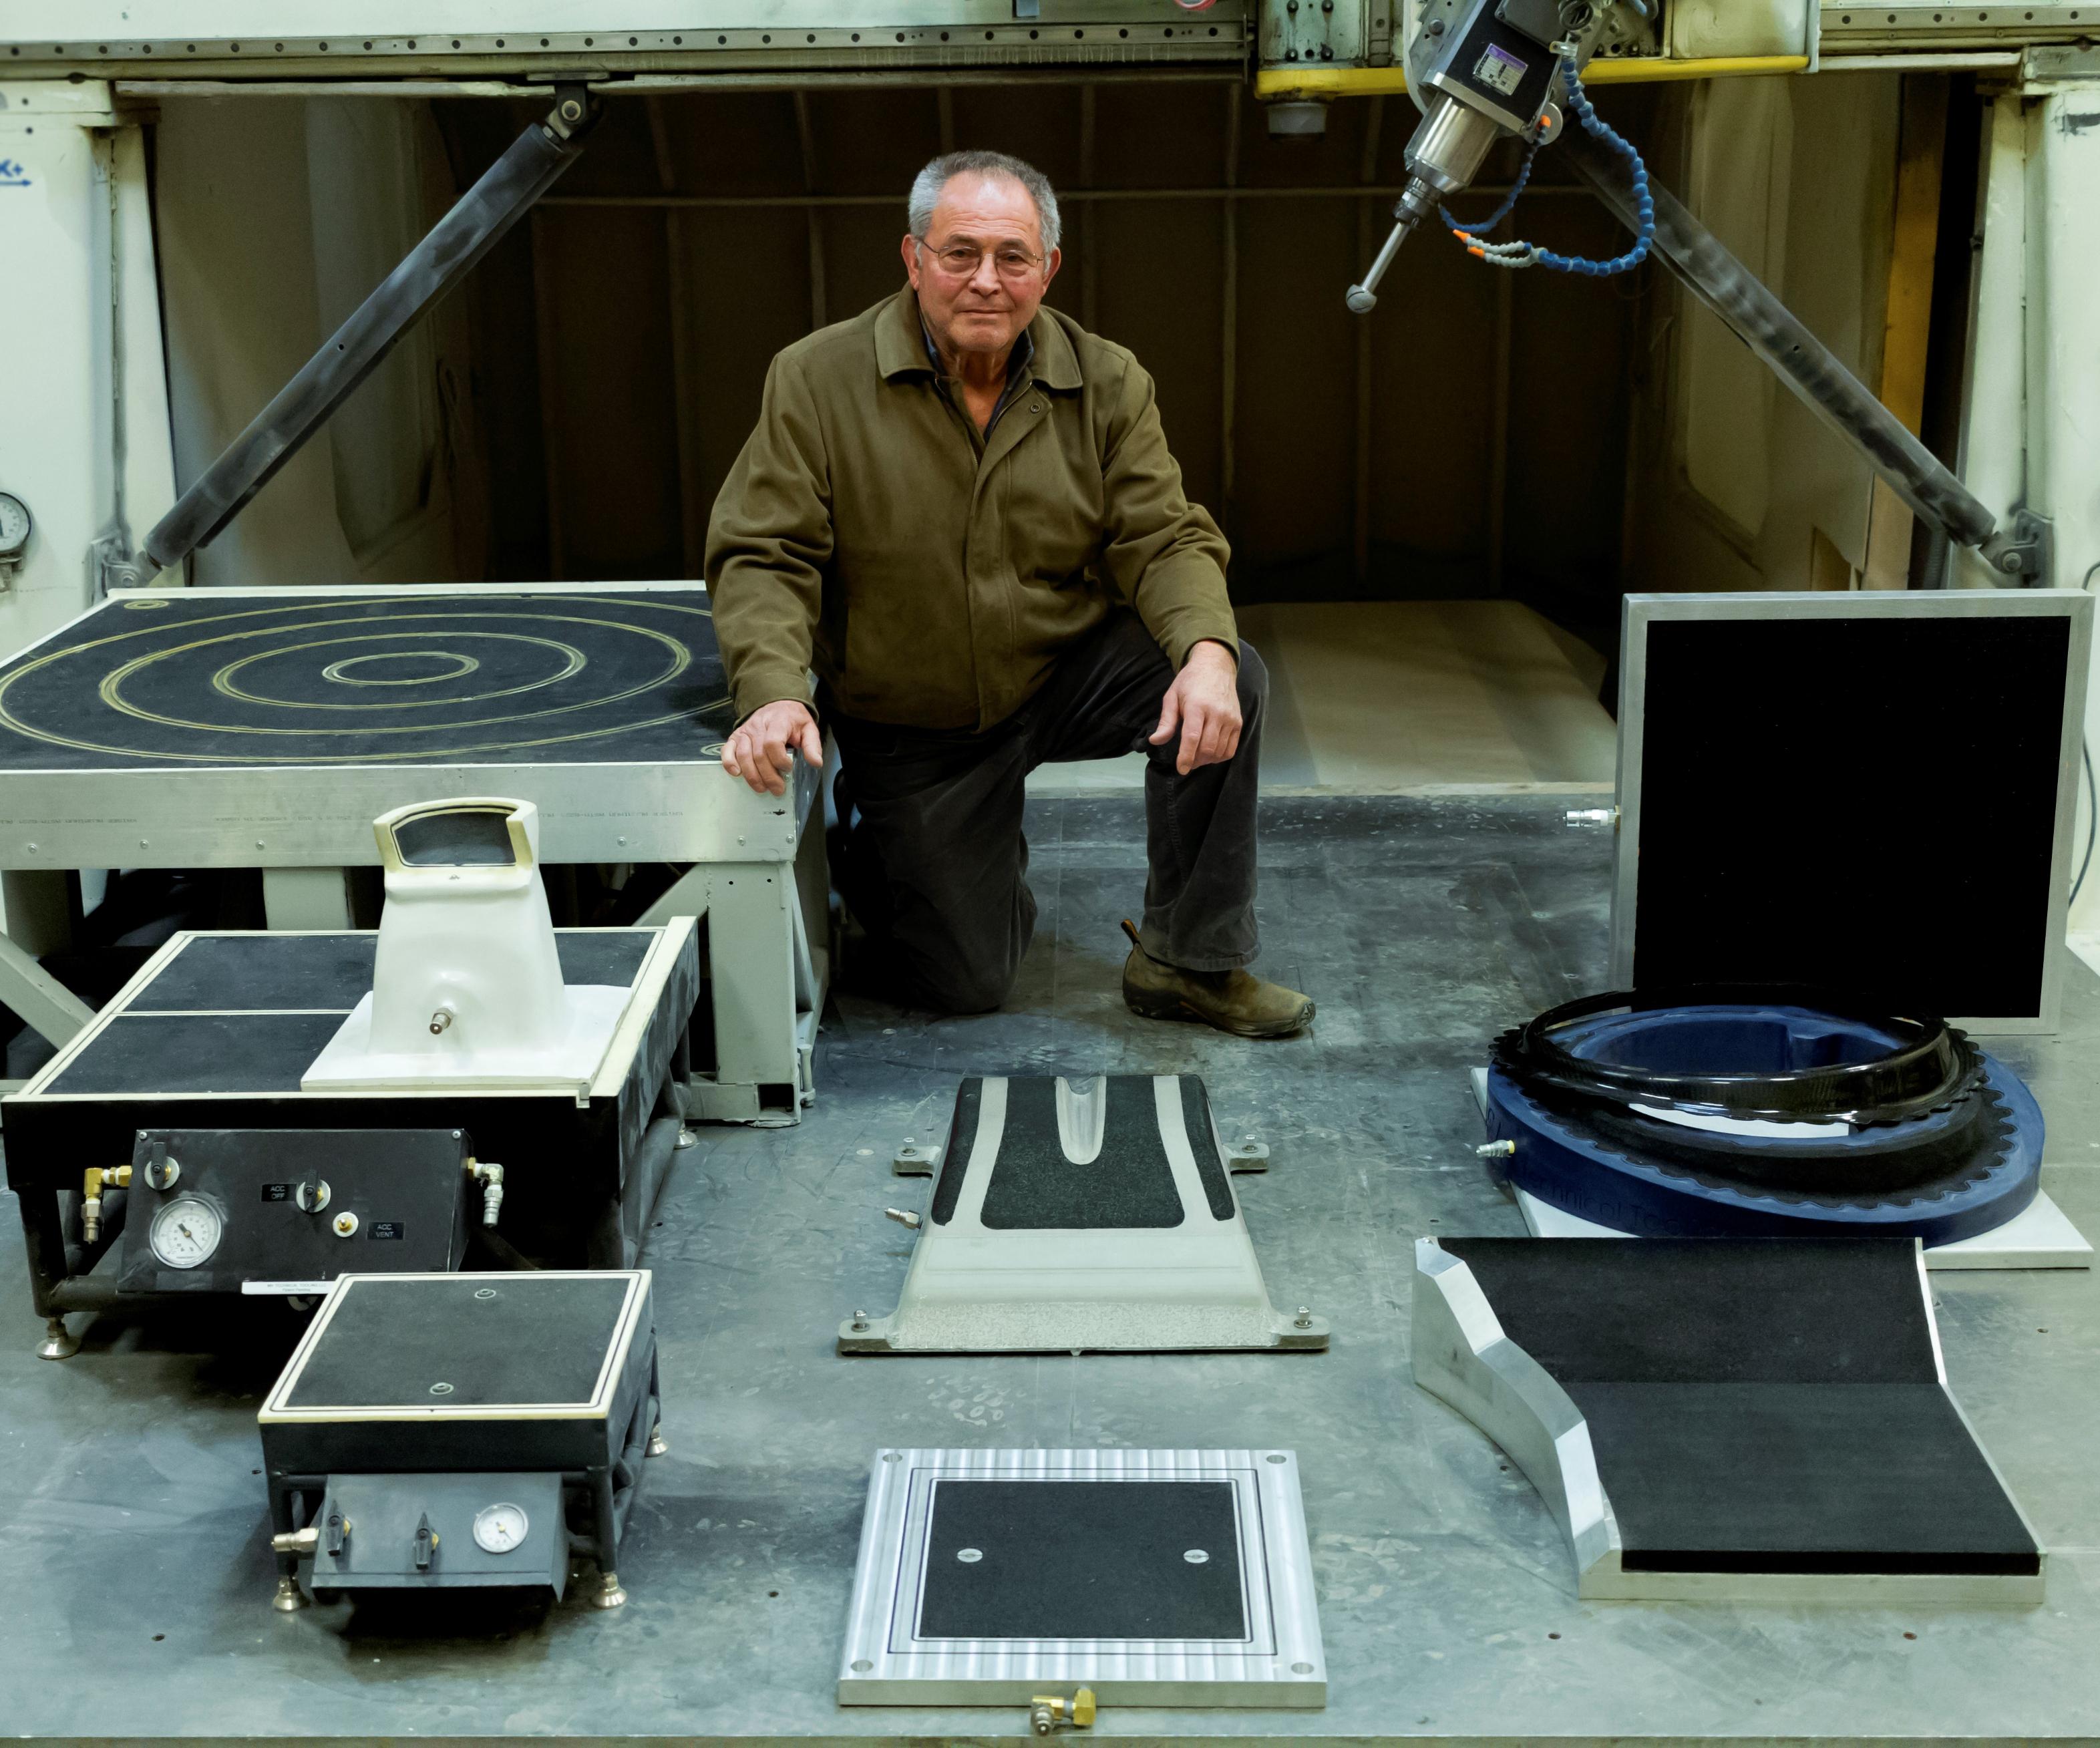 Bob Read inventó el material Vacu-Grip, que se incorpora en todos los accesorios que se aprecian en la foto, para uso propio de Technical Tooling.